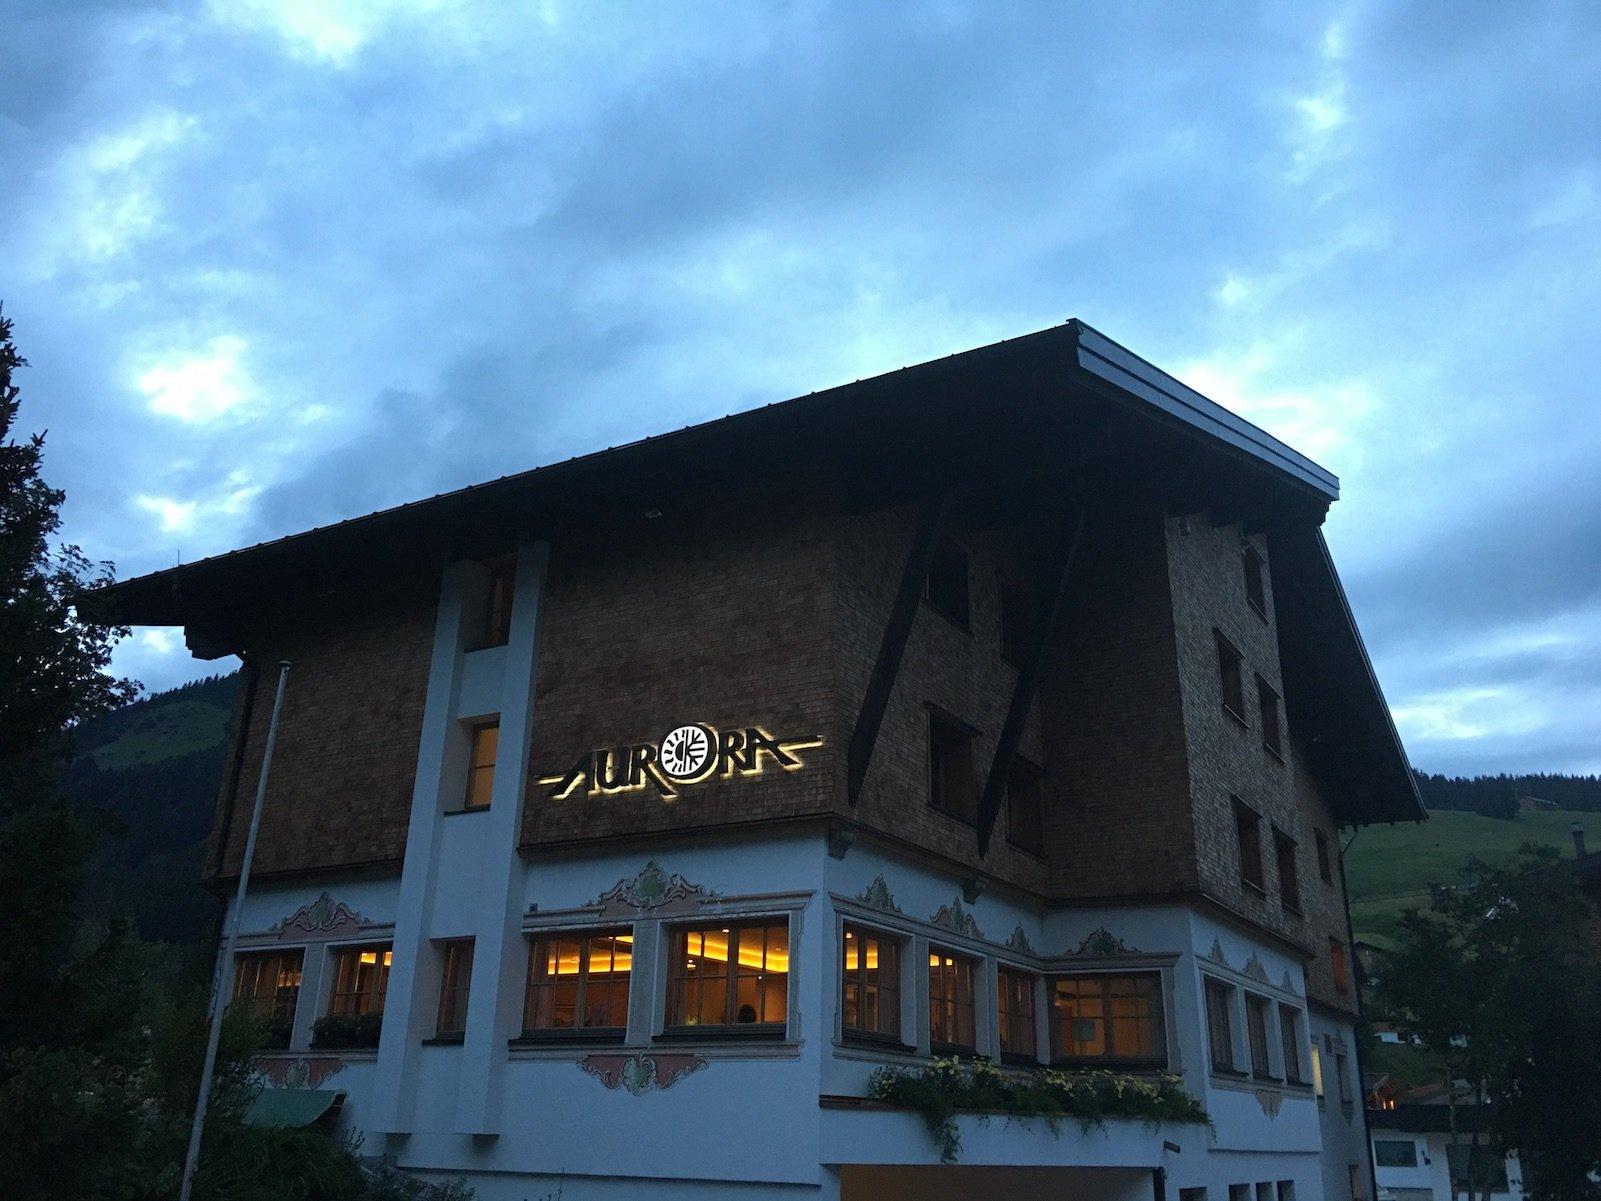 Das Hotel Aurora in der Nacht